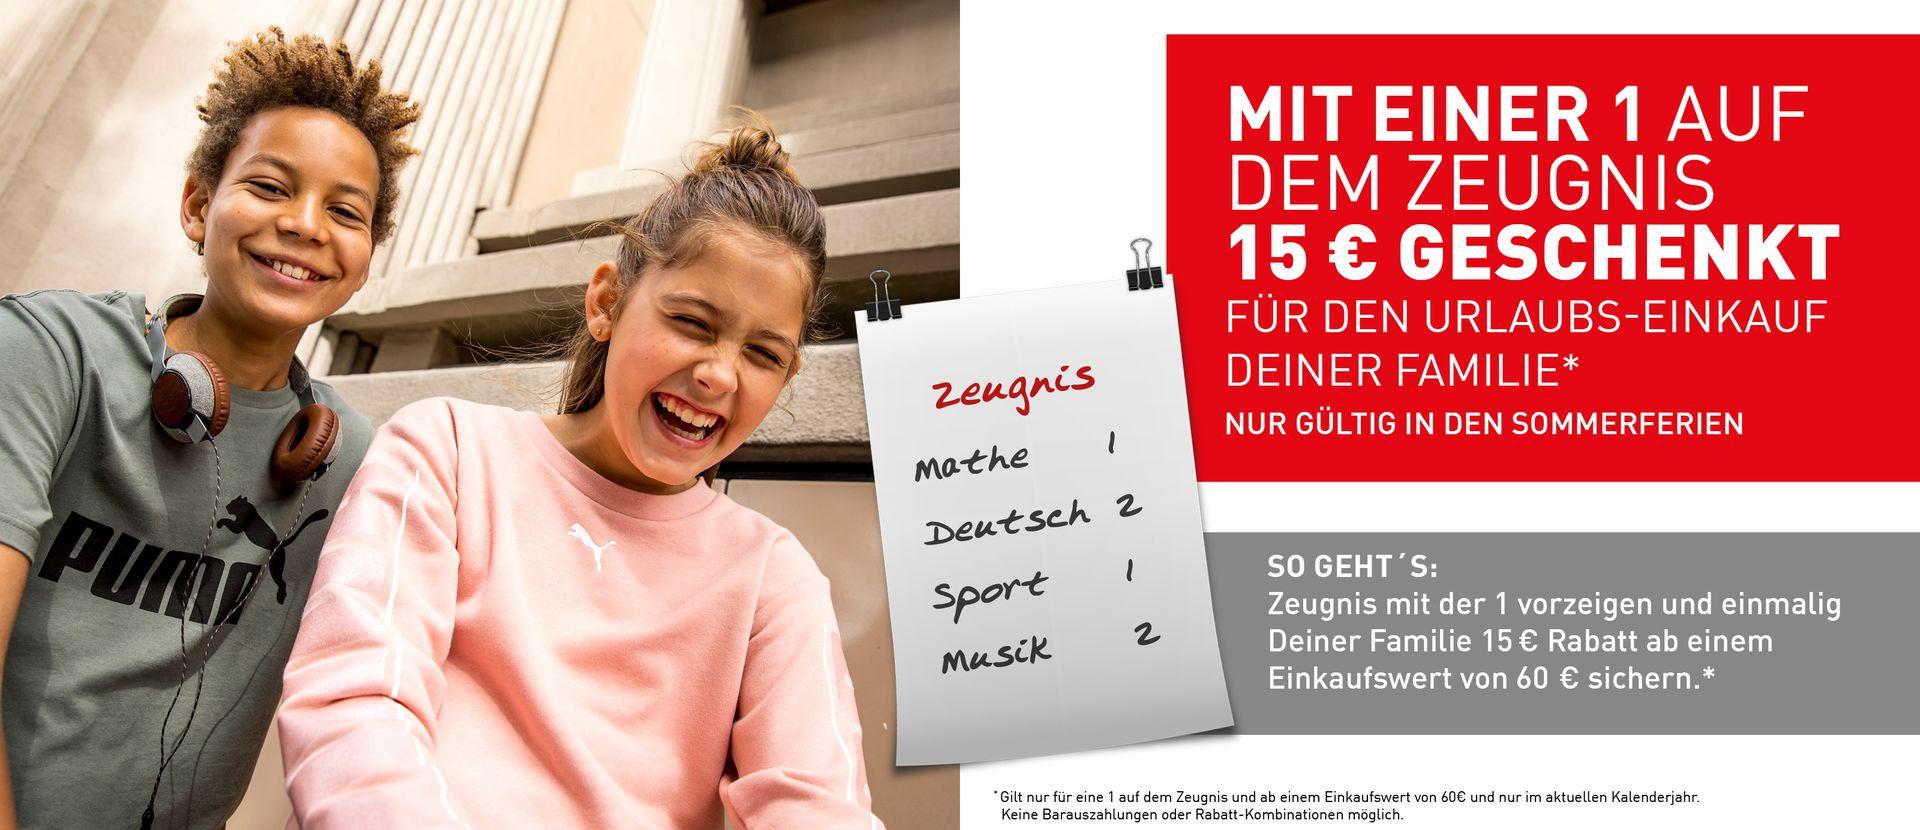 Intersport Voswinkel - 15€ Rabatt ab 60€ bei Schulnote 1 auf dem Zeugnis